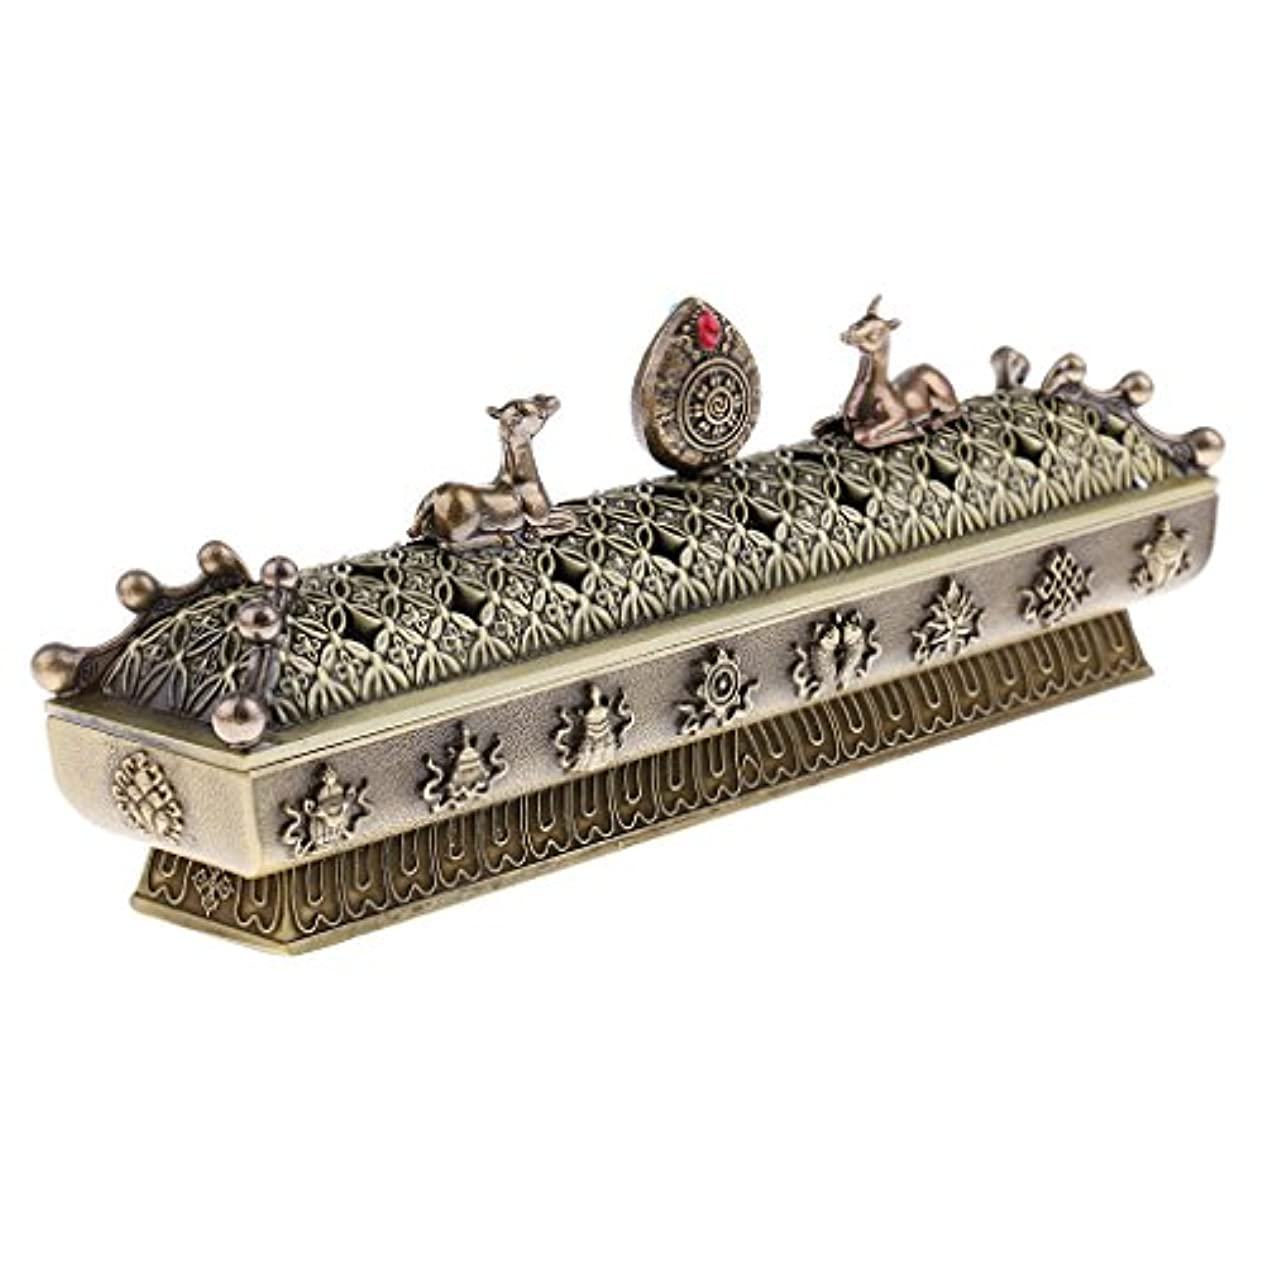 協同モーテルスポーツSONONIA 仏教 コーン 香りバーナー アッシュキャッチャー 香炉 全3色 - ブロンズ